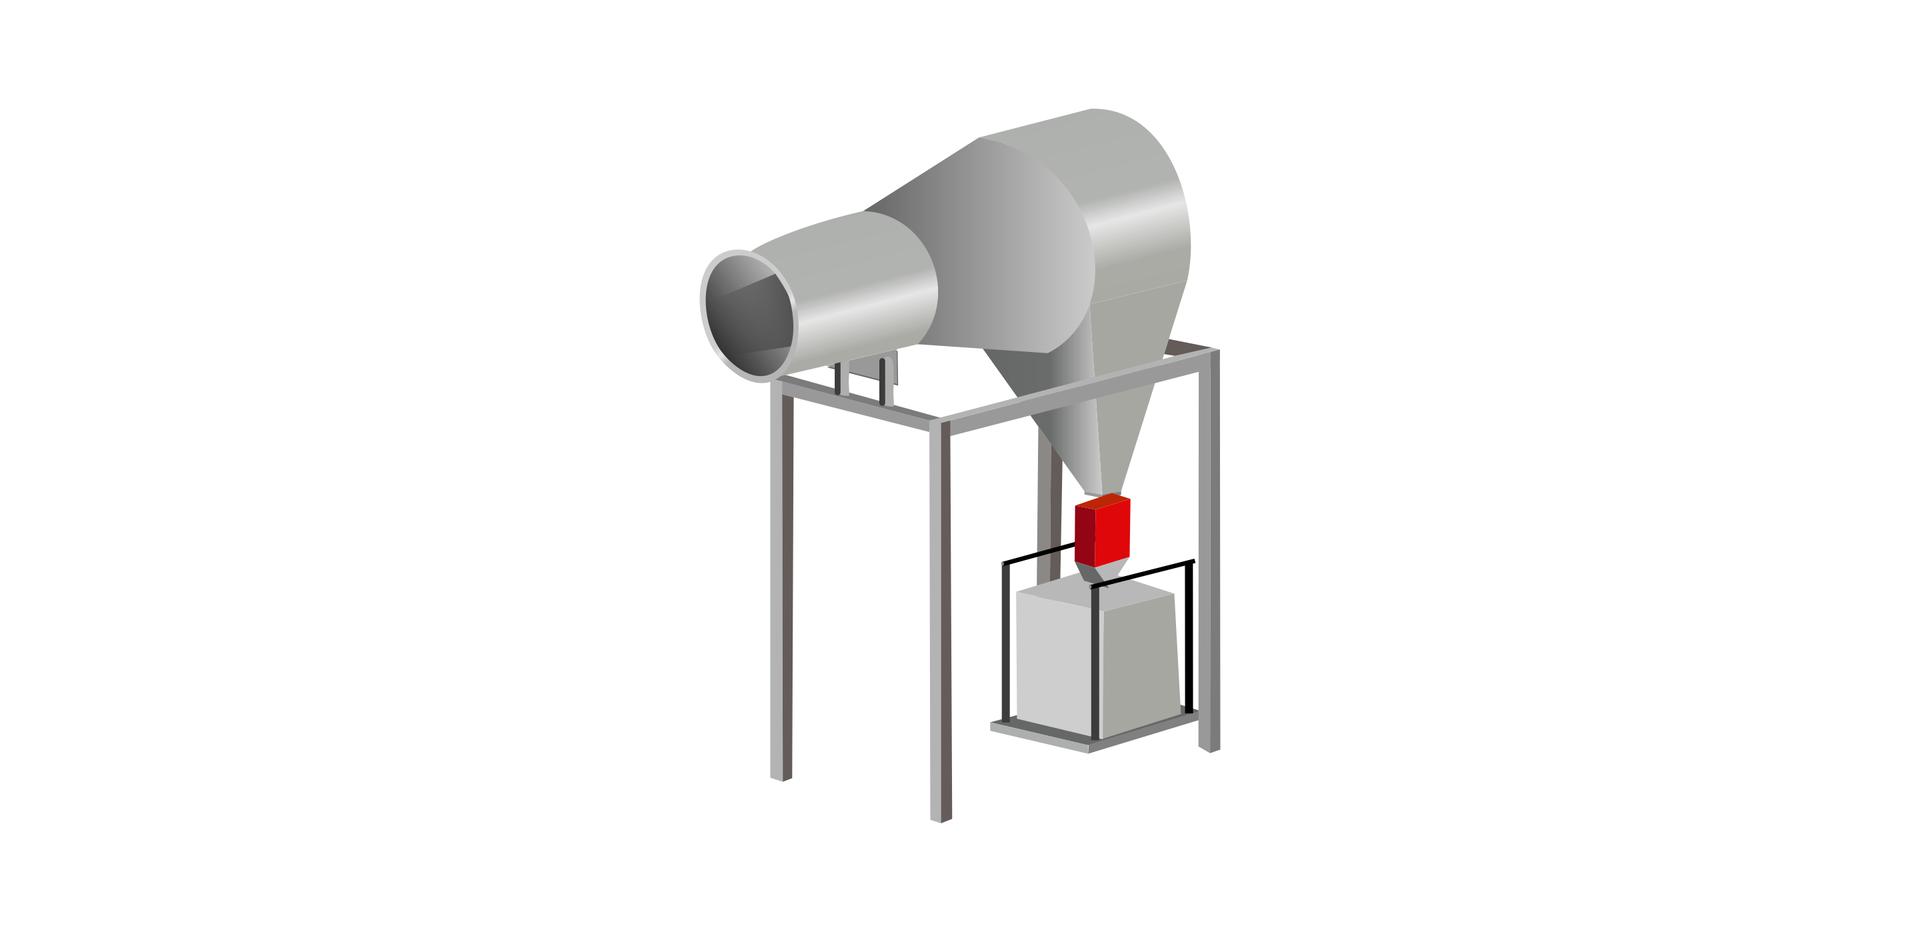 Ilustracja przedstawia filtr cyklonowy poziomy.